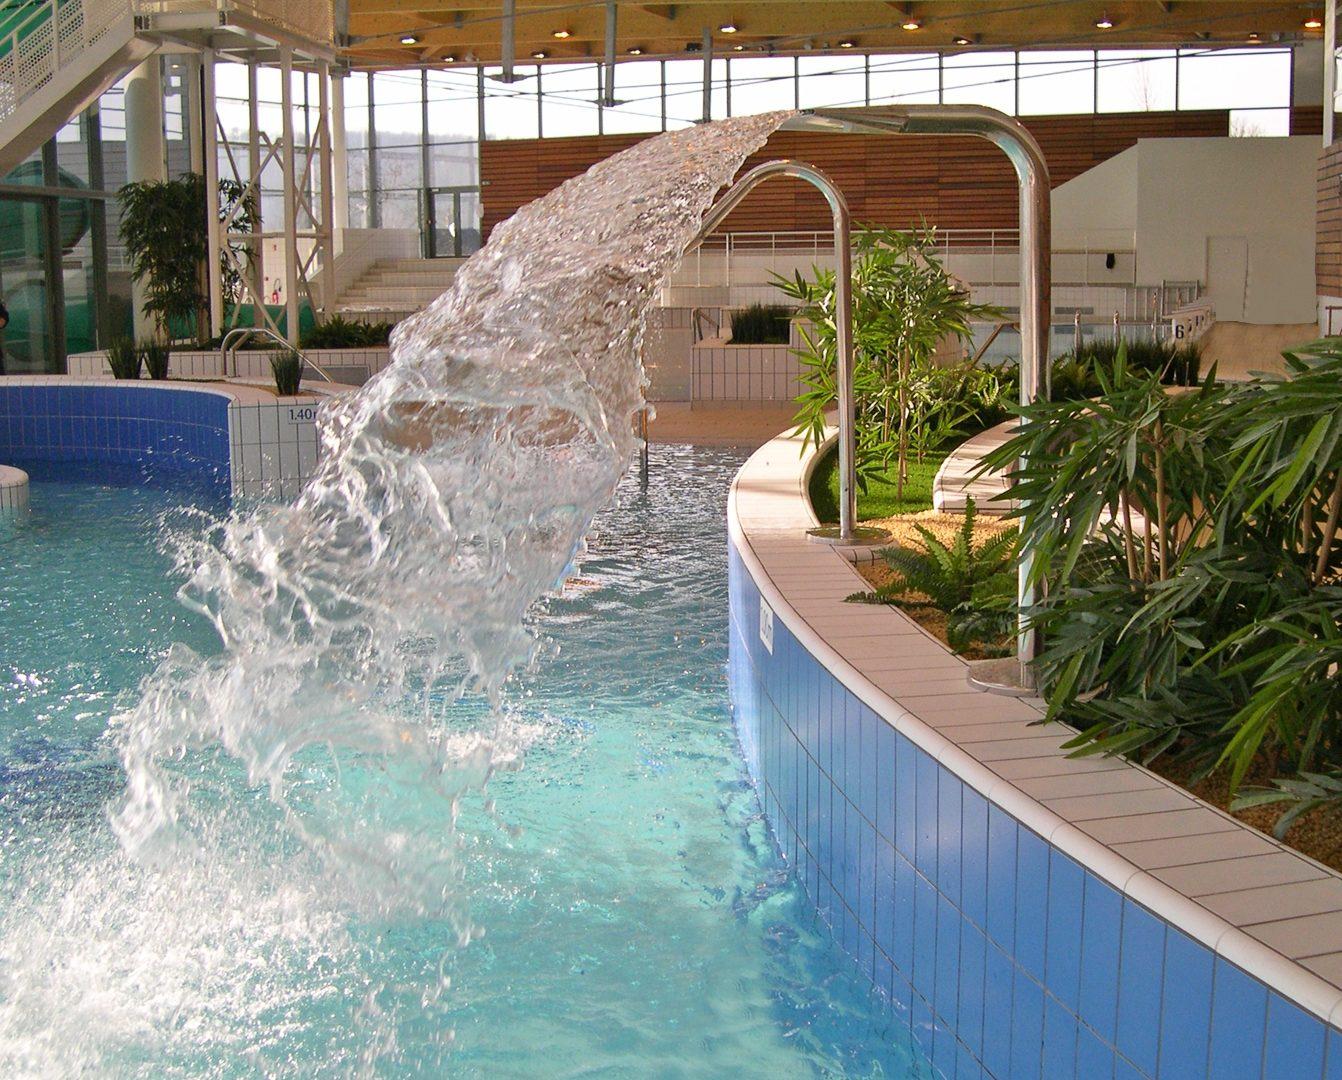 Piscine intercommunale trie chateau 60 eau air syst me for Piscine chateau d eau reims